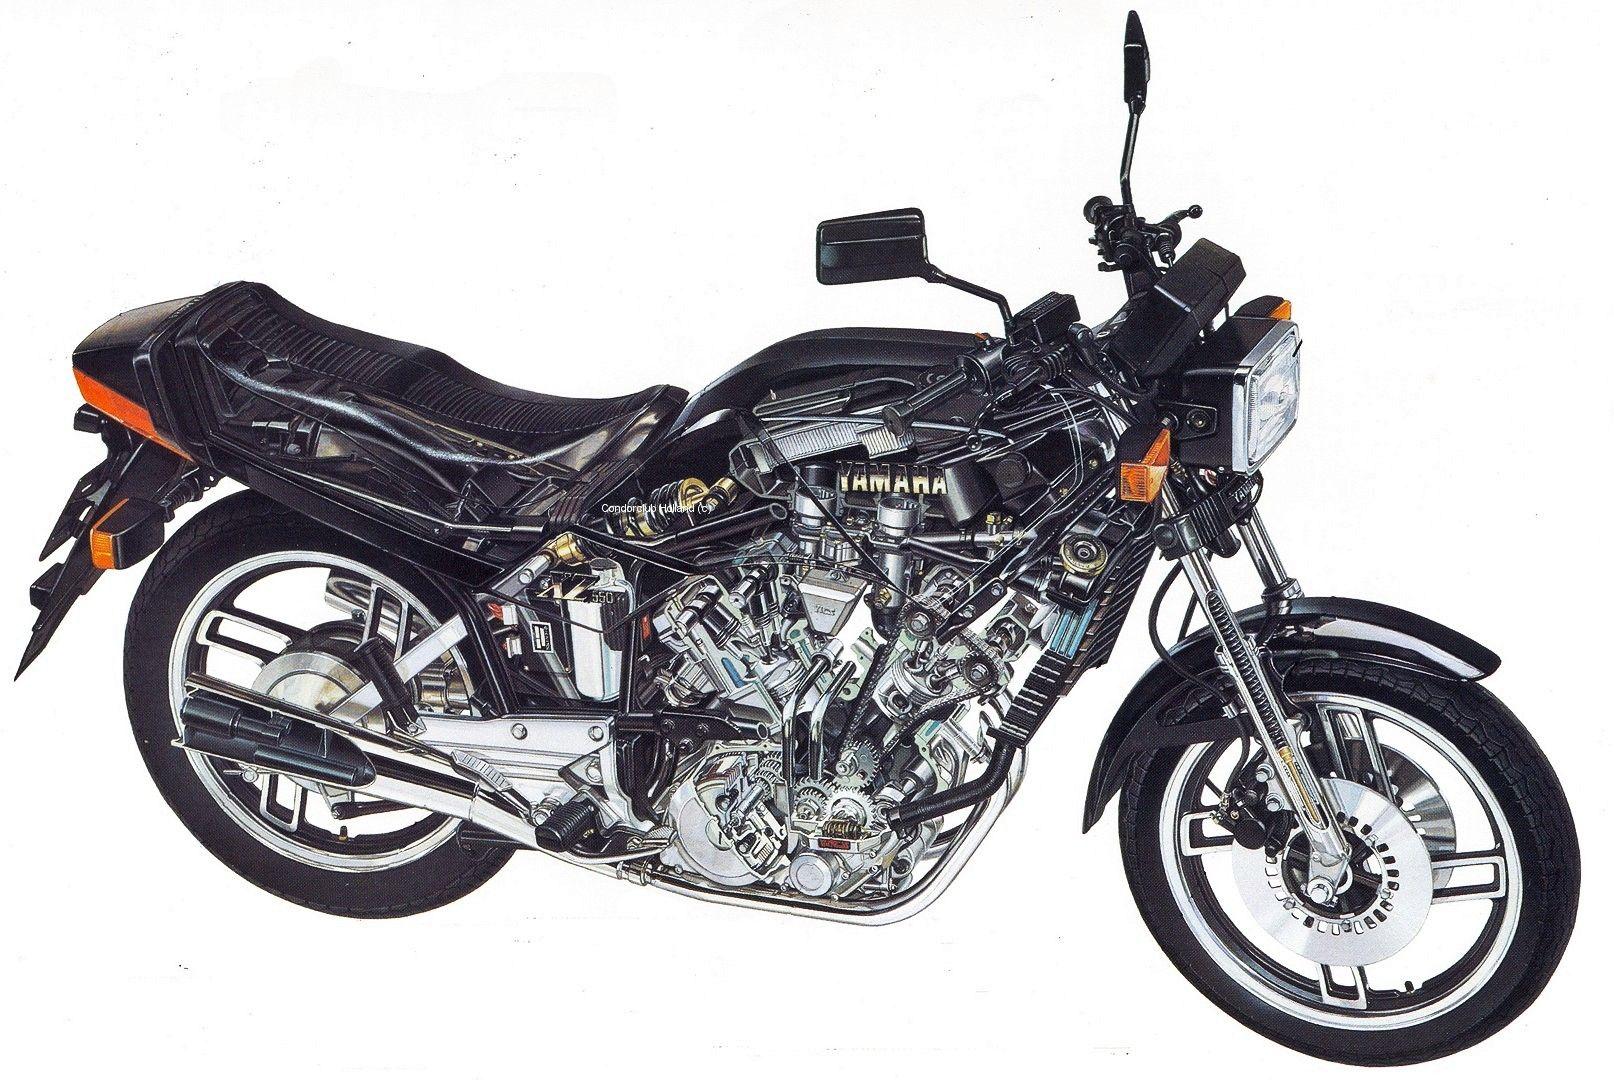 1983 Yamaha XZ 550 S - Moto.ZombDrive.COM